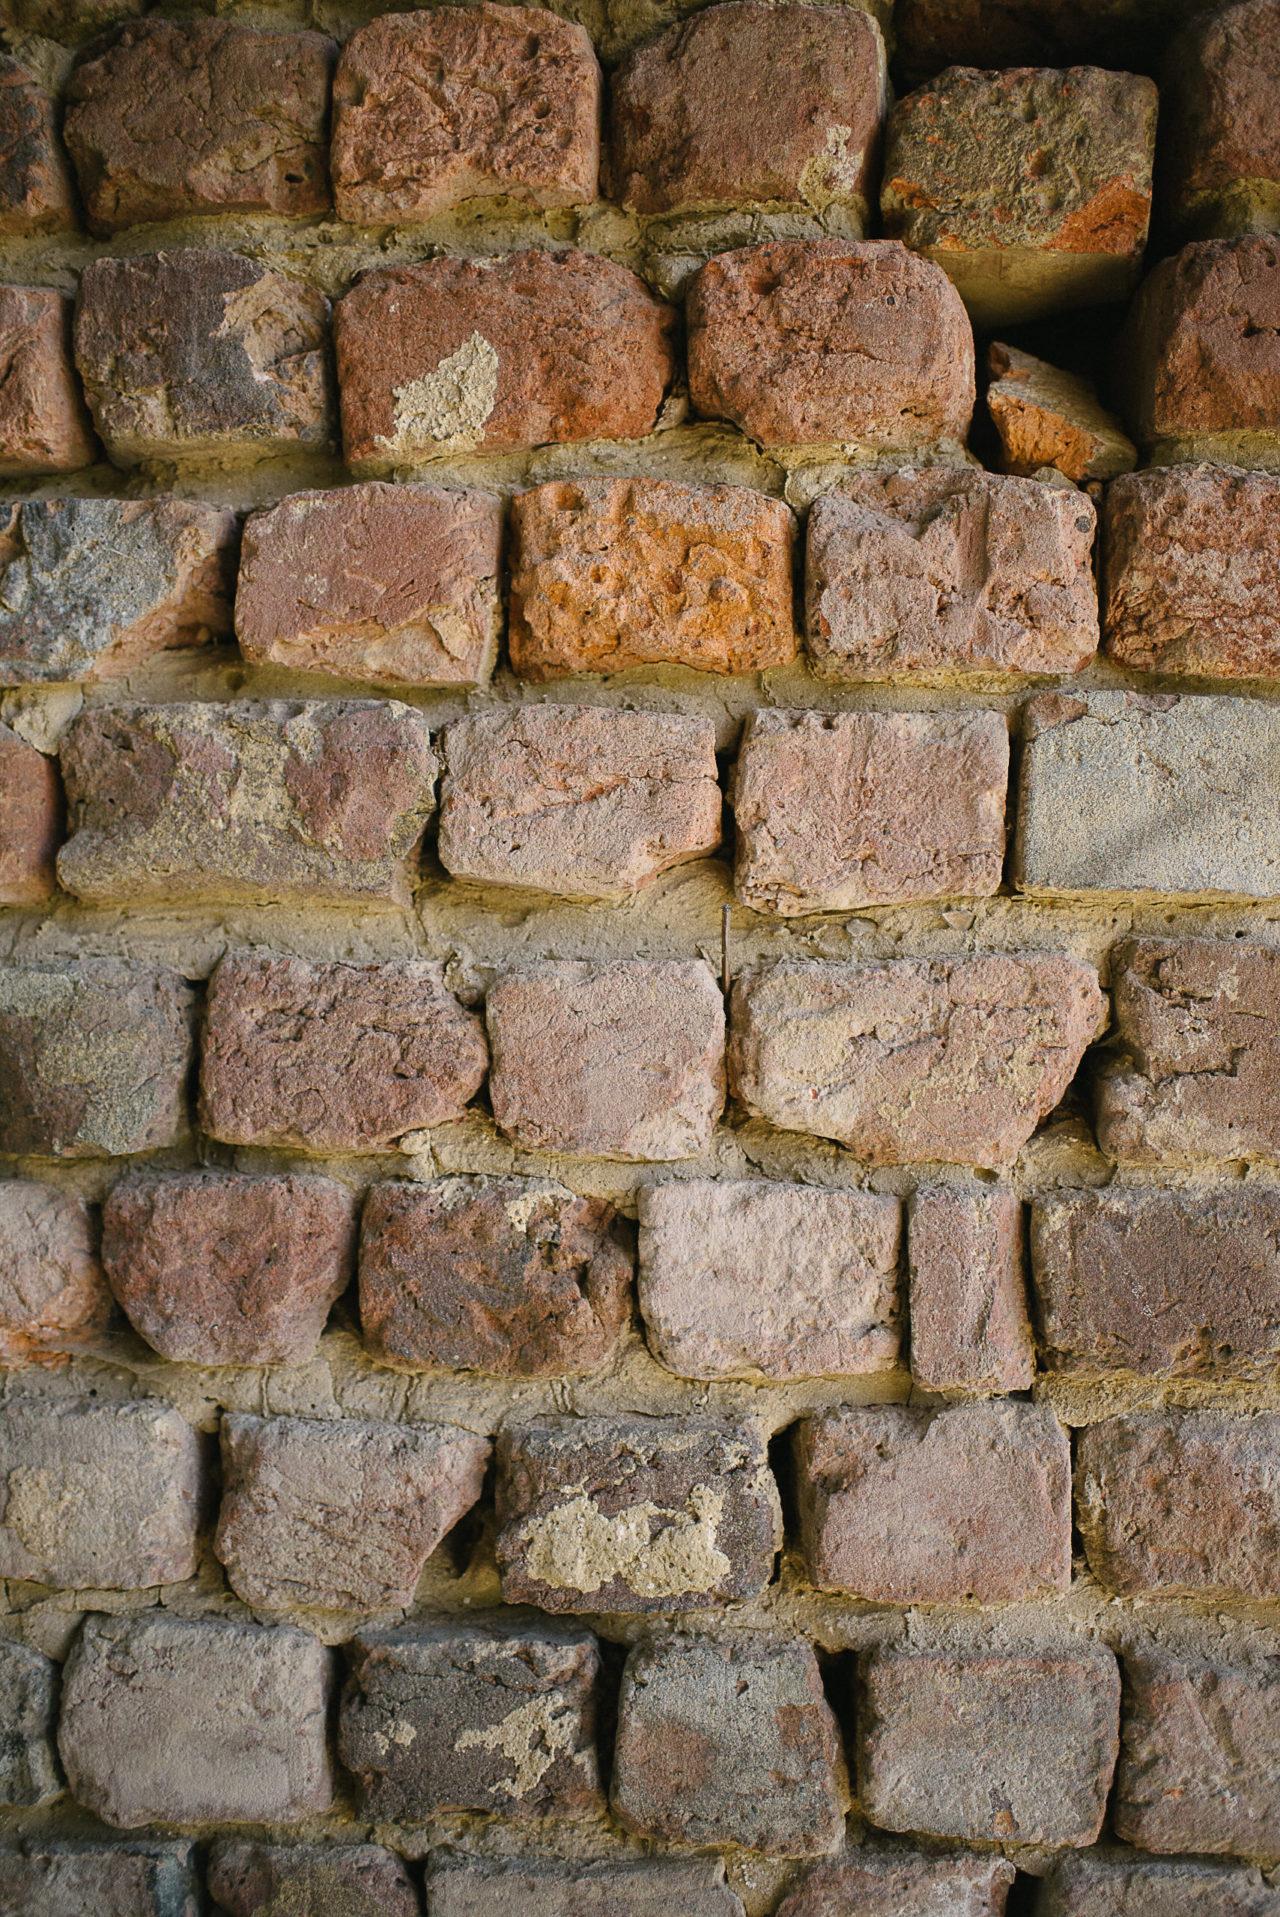 Un joli mur de pierre dans cette ancienne bâtisse sur le lieu de réception du mariage